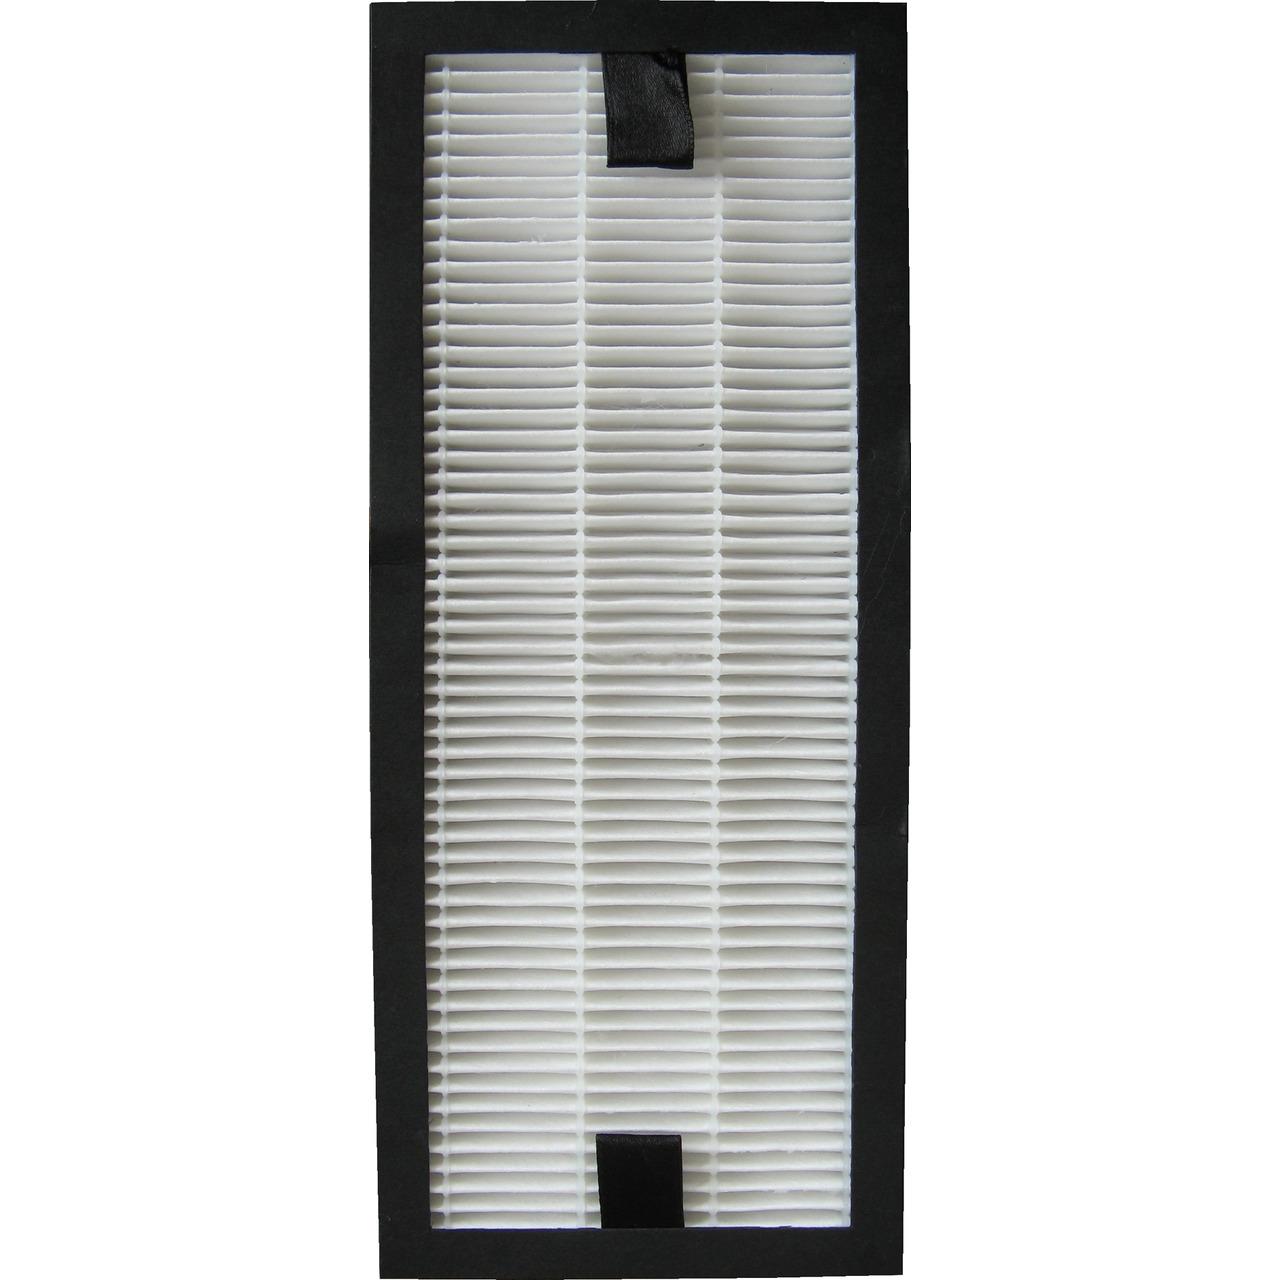 Image of Aktobis Ersatz-Komplettfilter für Luftreiniger WDH-616b